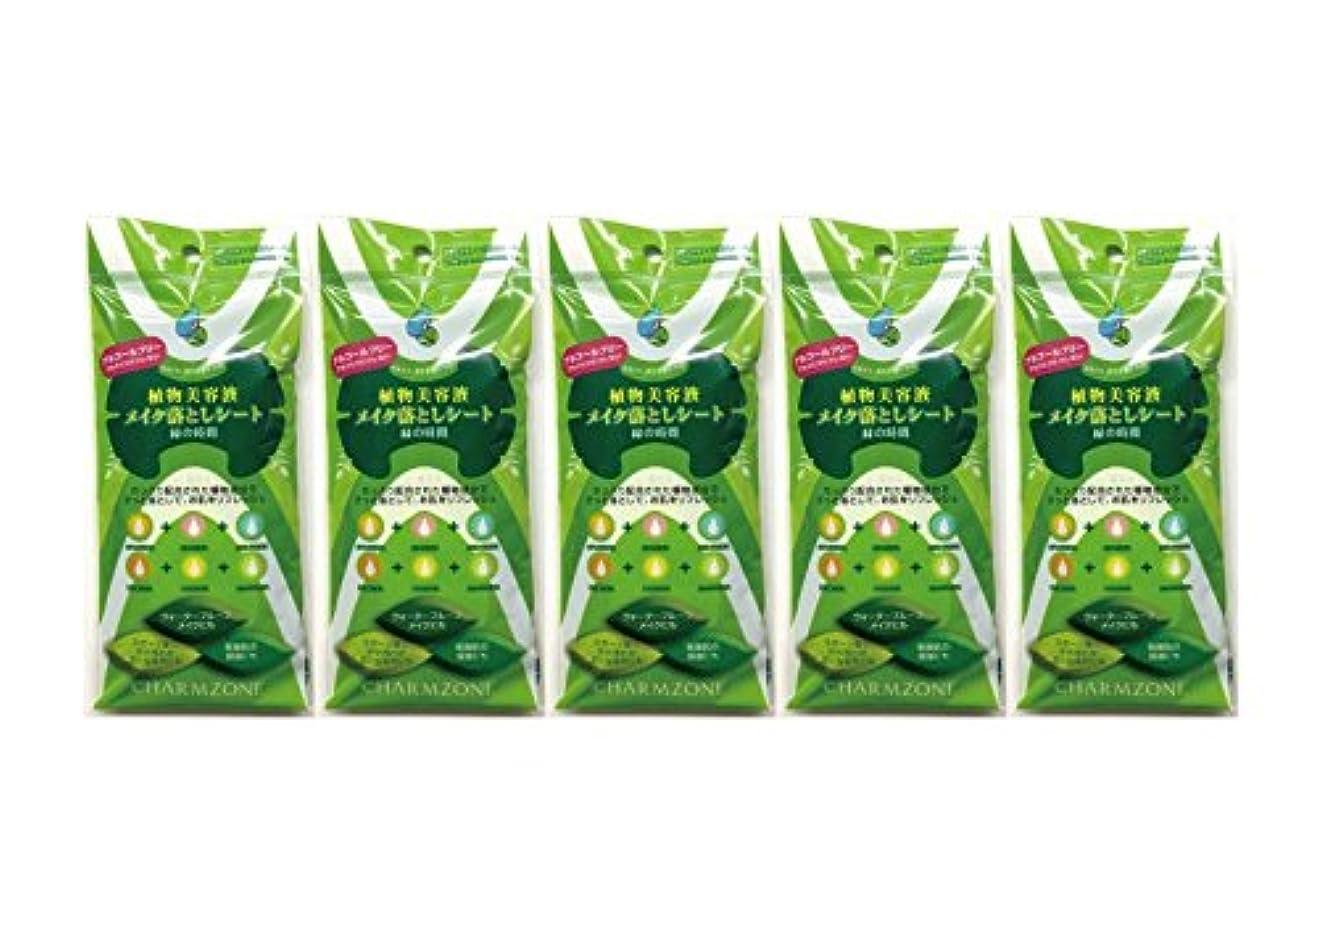 統治する貸し手大量植物美容液 メイク落としシート 緑の時間 5ヶセット